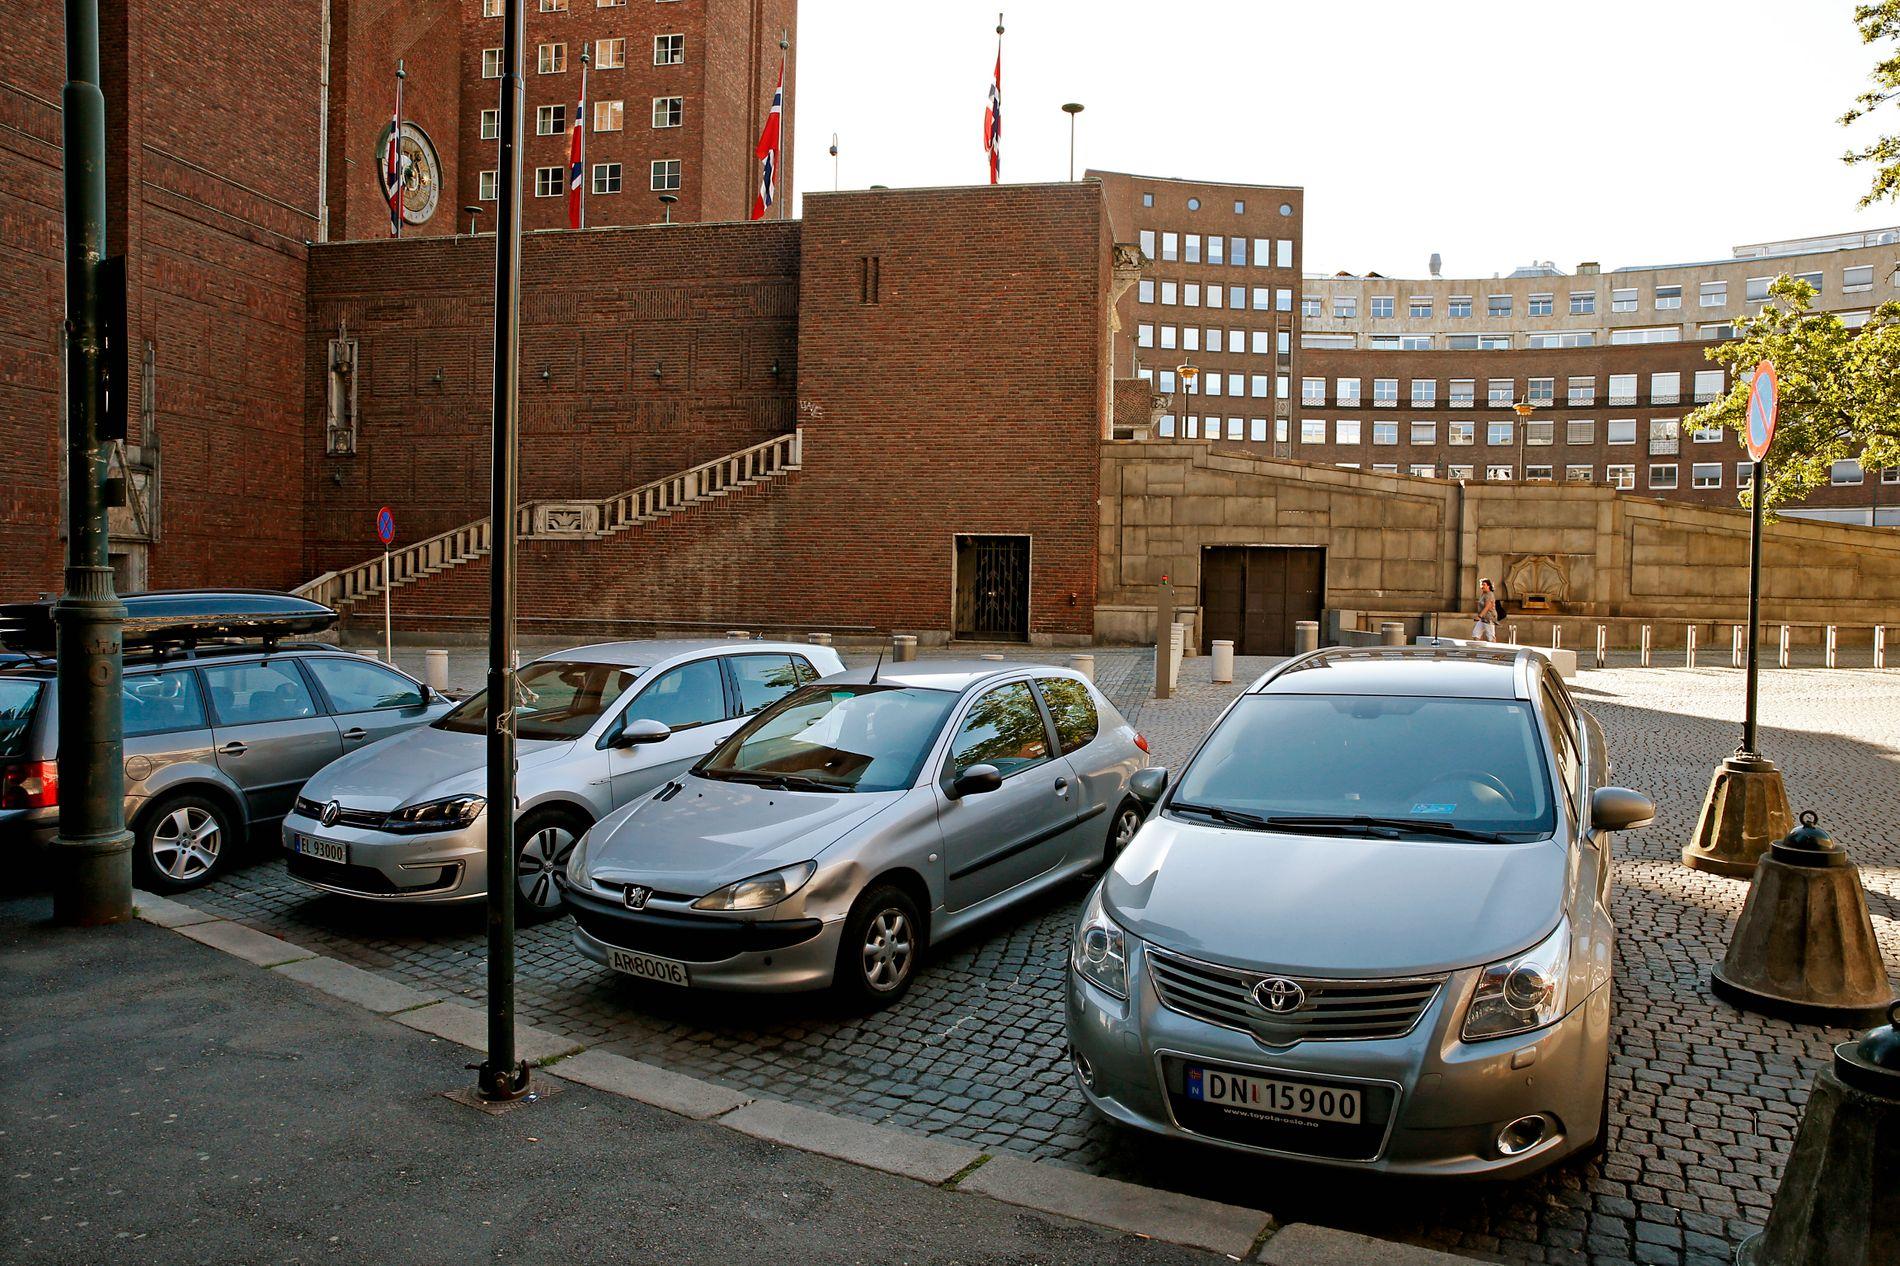 FORSKJELL: Her må vanlige bilister betale avgift for å parkere i borggårds-området ved Oslo rådhus. Snart forsvinner trolig de plassene. I porten bak kjører ledende politikere i Oslo sine biler inn og parkerer gratis.